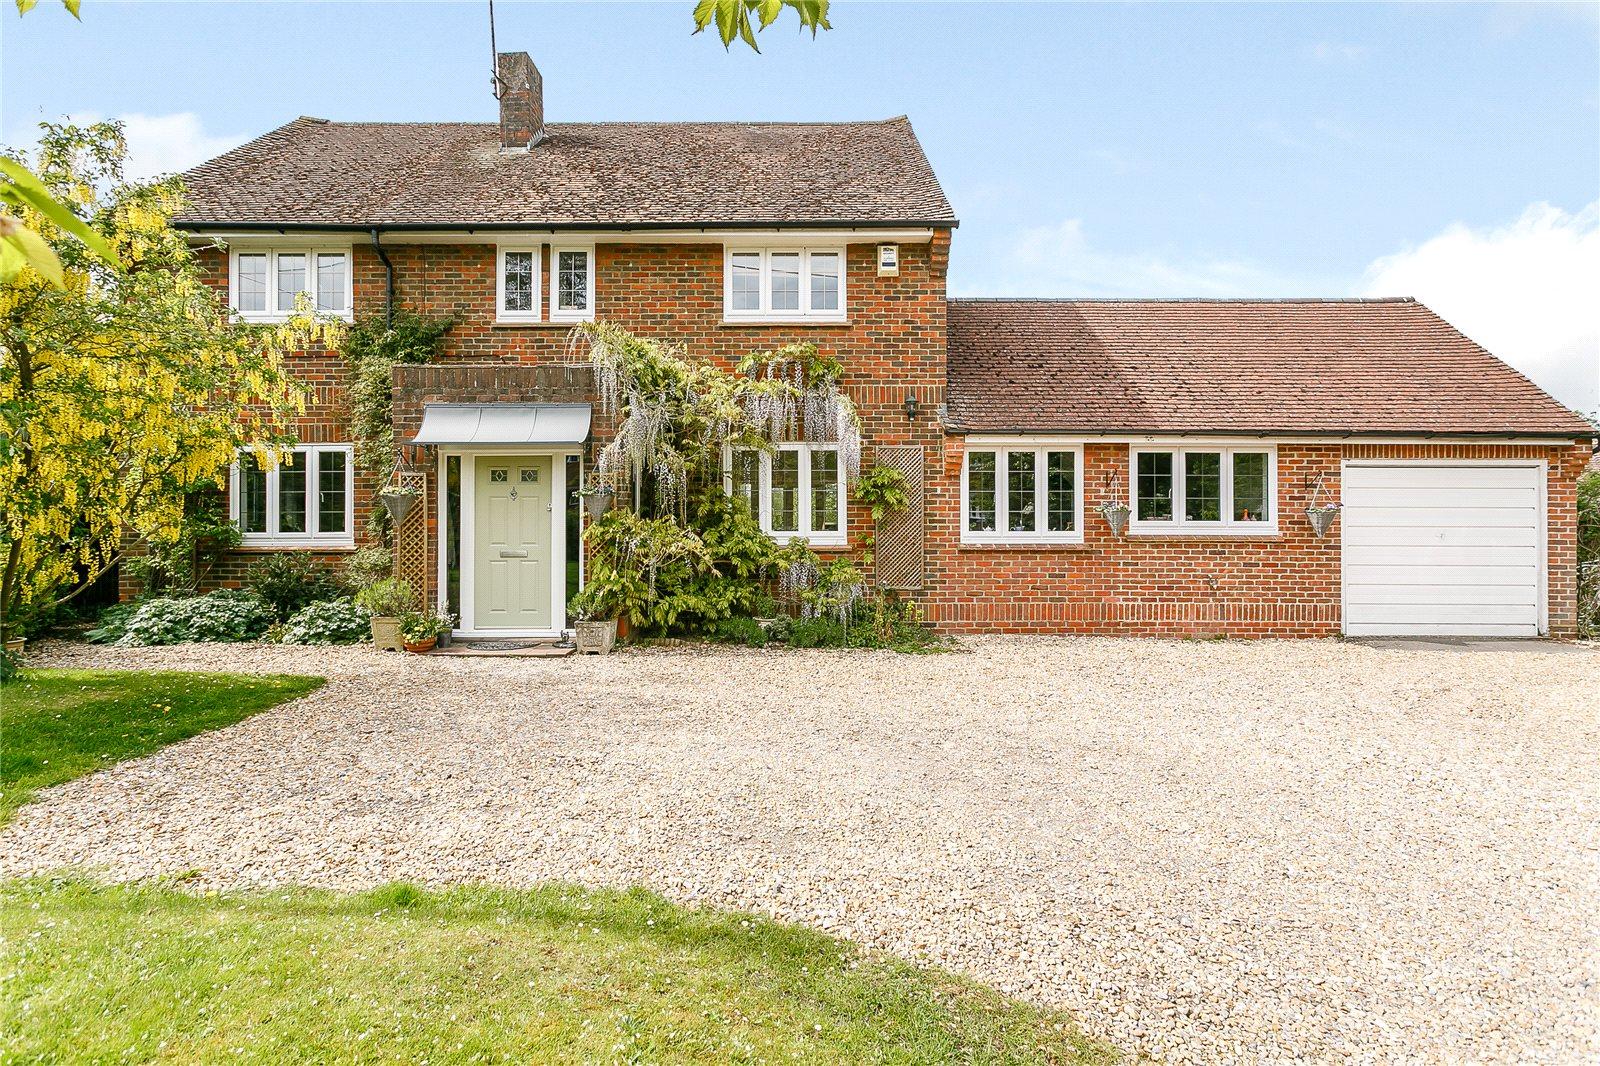 Casa para uma família para Venda às Station Road, Bentley, Farnham, Surrey, GU10 Farnham, Inglaterra